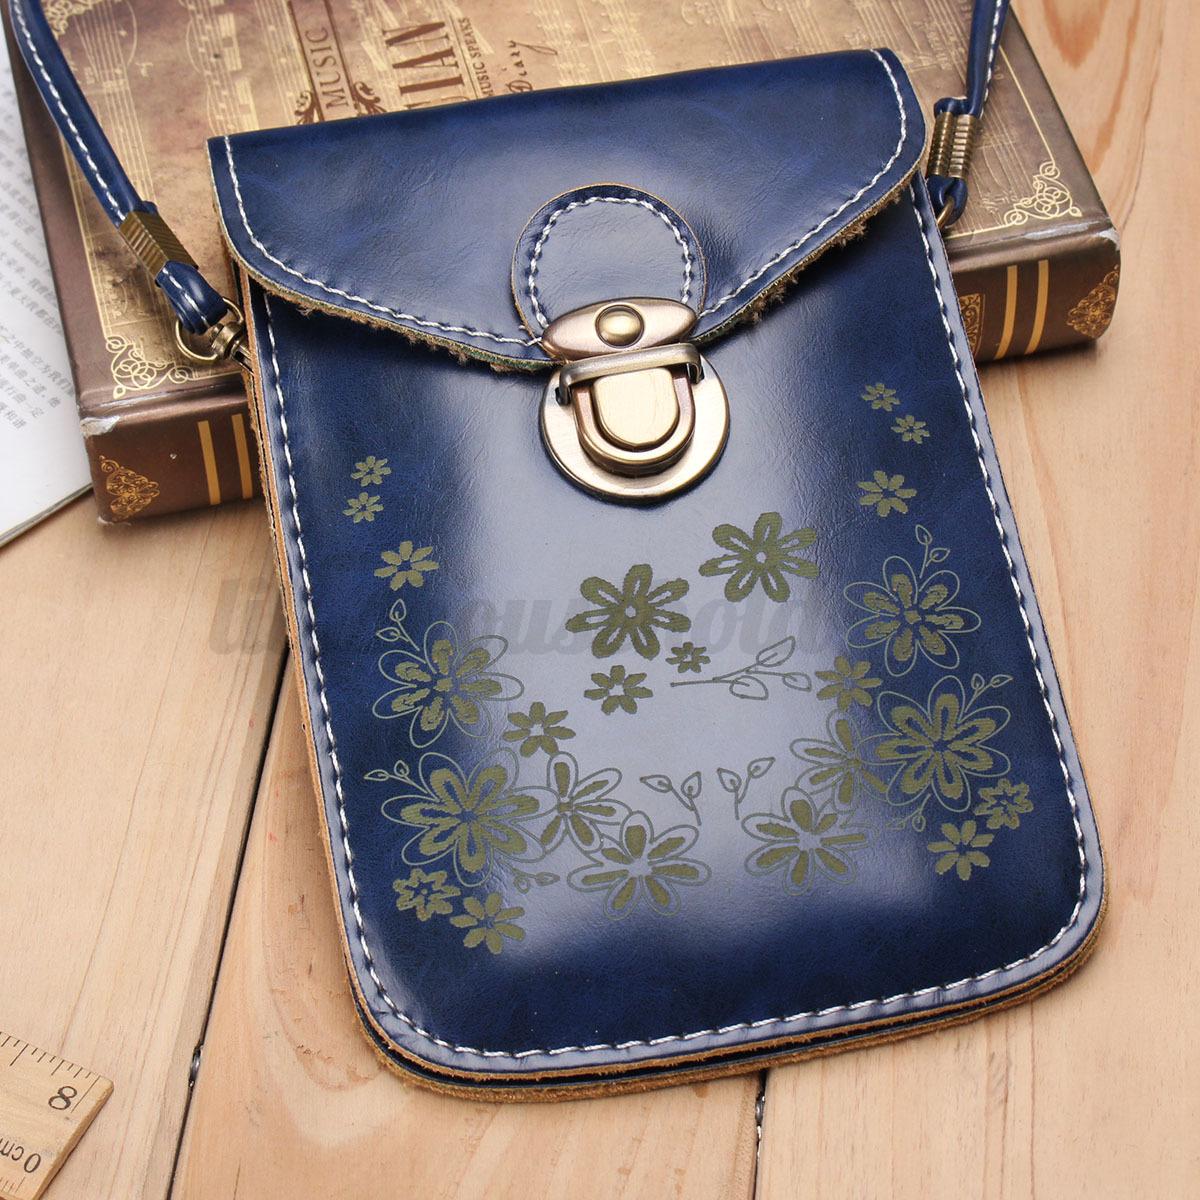 Damen-Tasche-Handy-Klein-Mini-Schultertasche-Leder-Umhaengetasche-Geldboerse-Bag